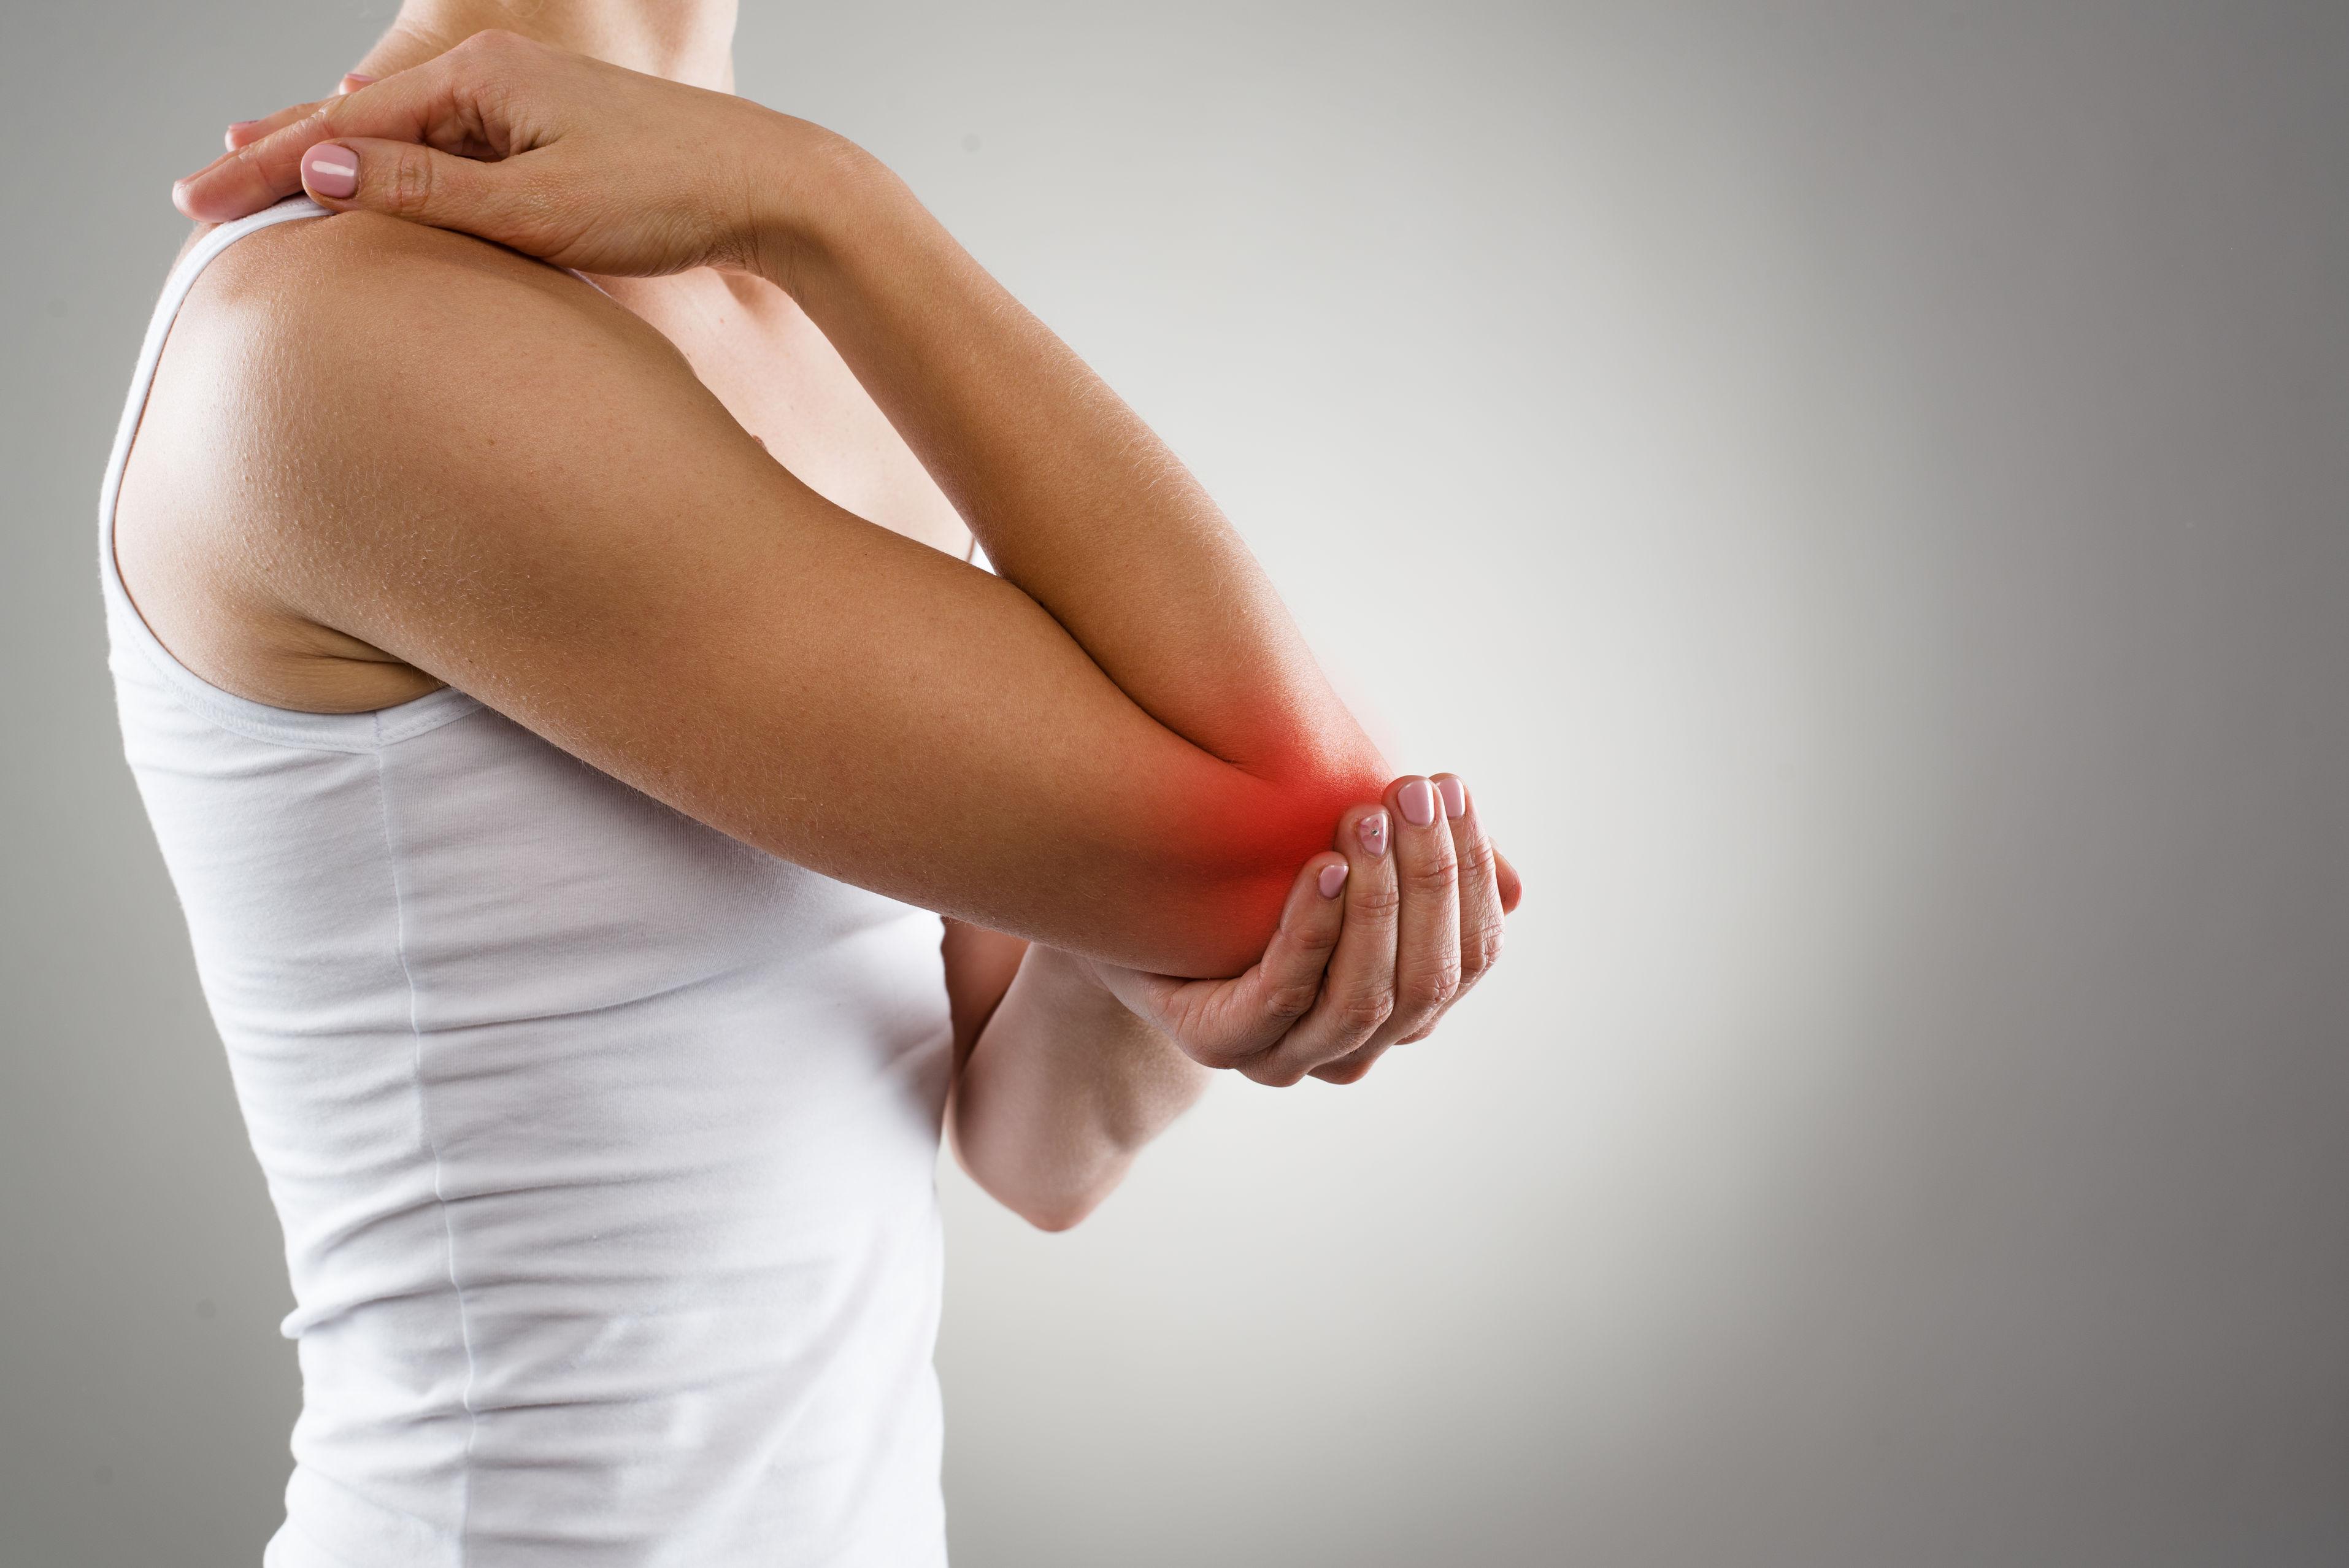 artritisz kezelése kenőcsökkel